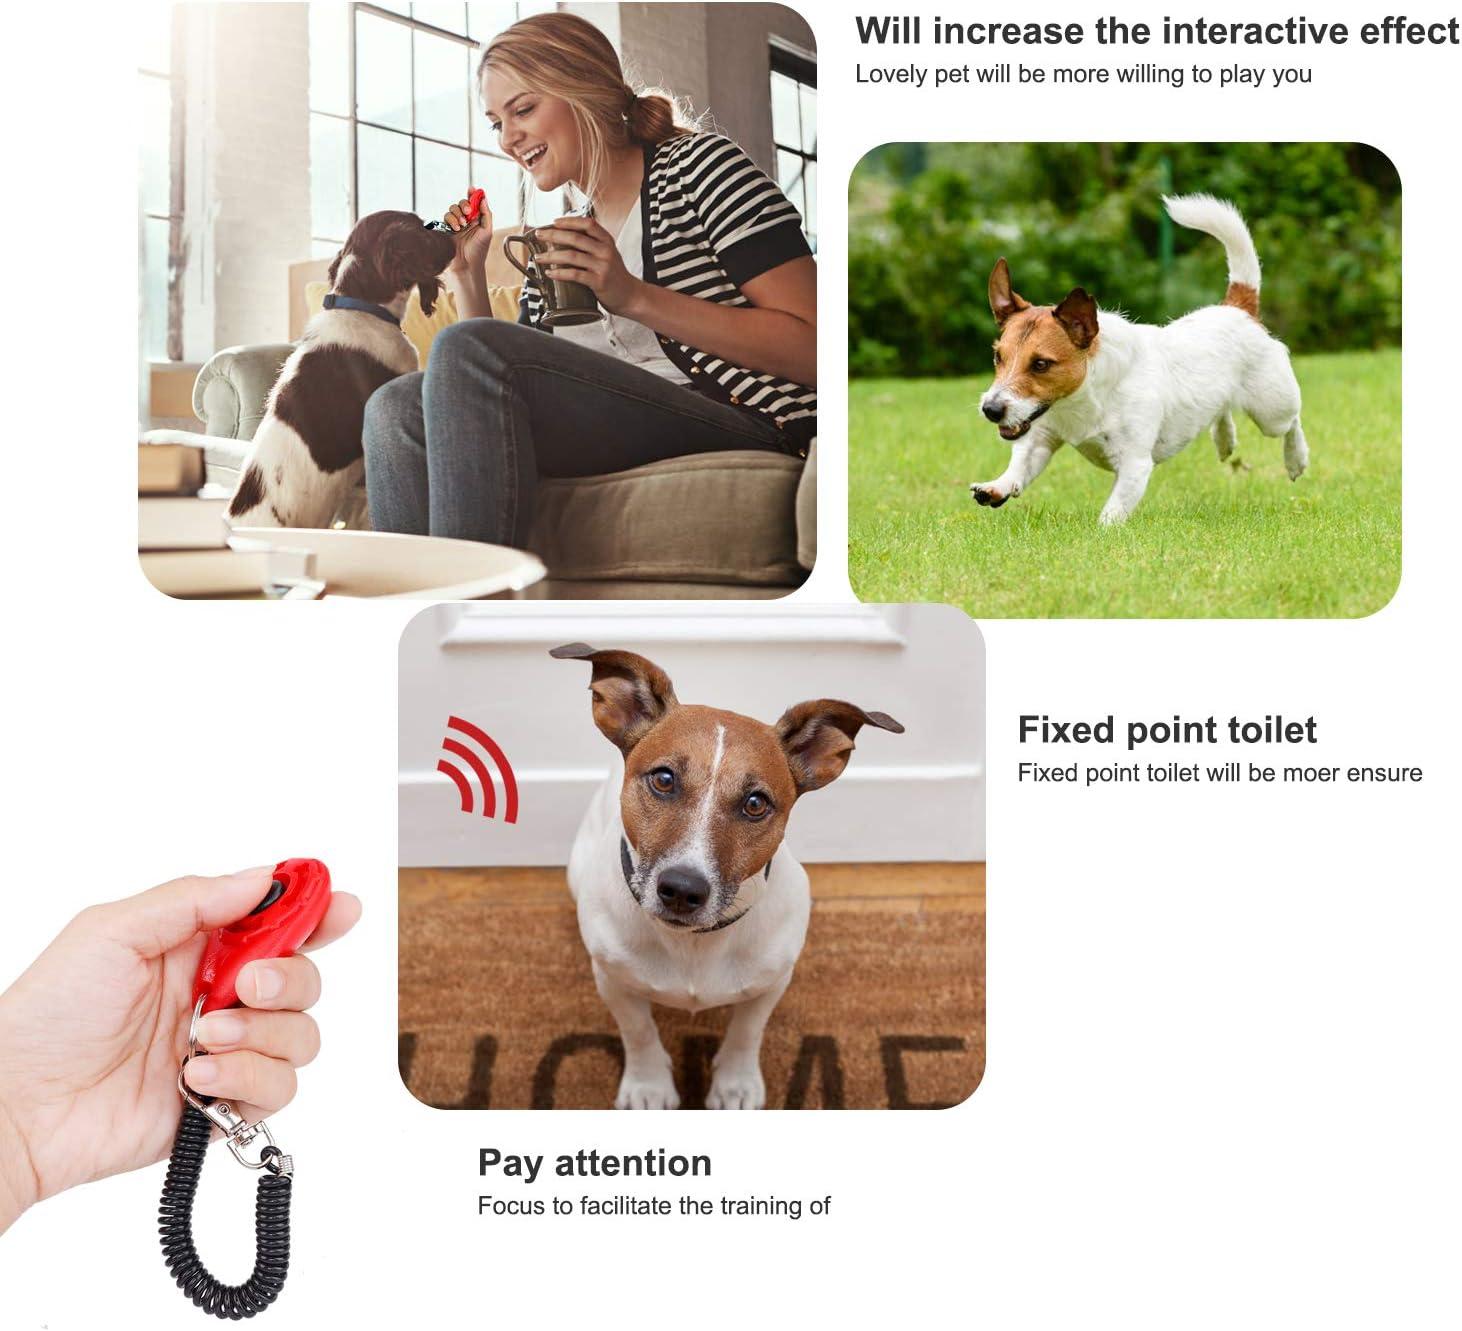 Bunt Hundeklicker Knopf f/ür Hunde Katzen Pferde Effektive Haustier Trainings Werkzeuge f/ür das Verhalten des Welpen 4 St/ück Profi Clicker Hunde mit Spiralband Clickertraining